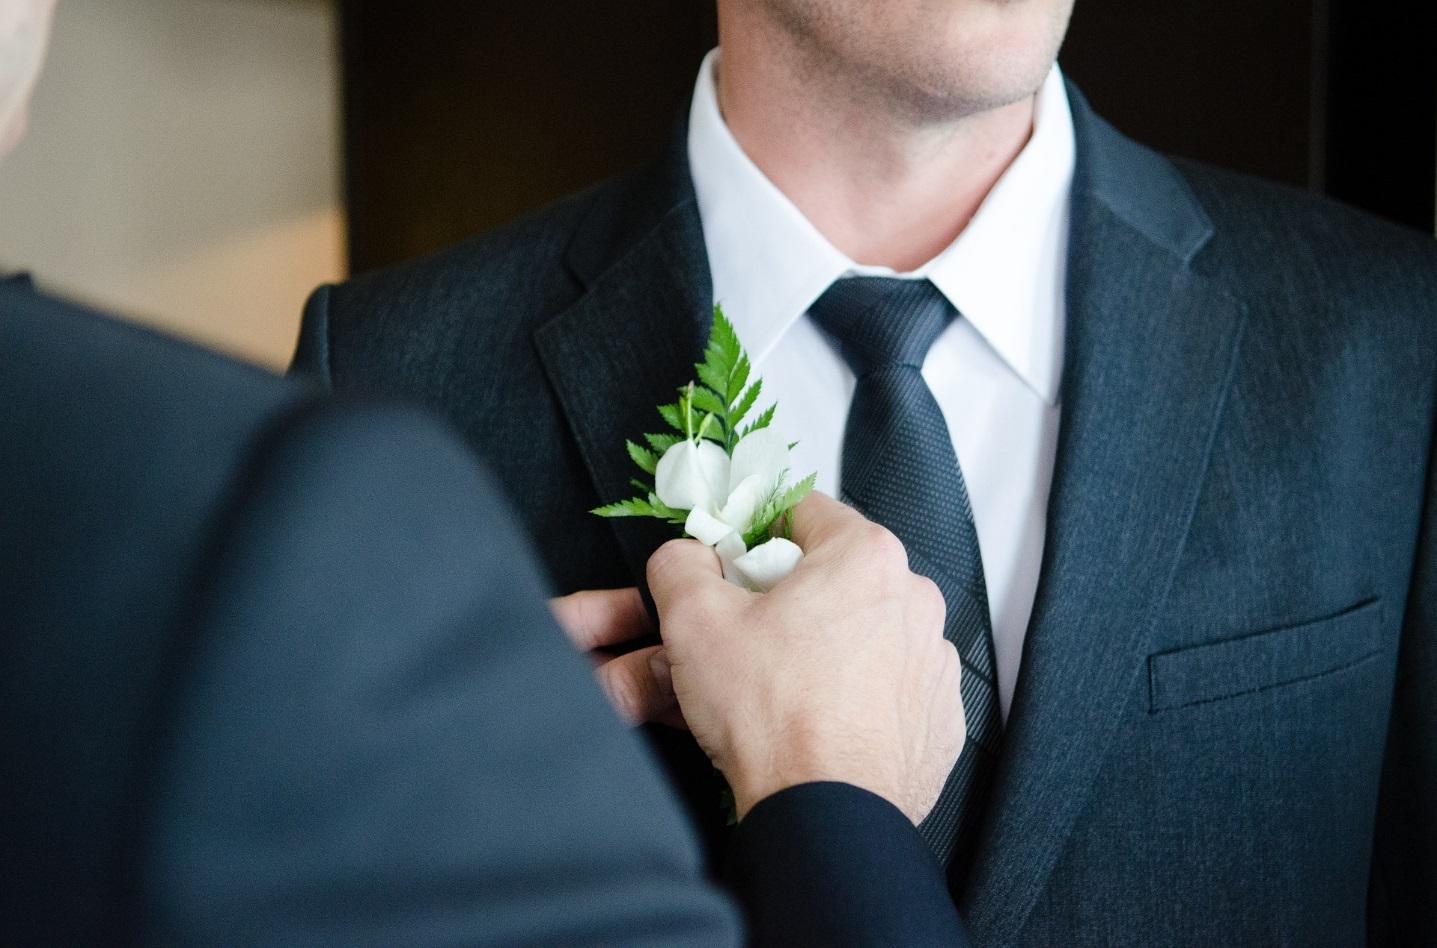 Bräutigam in Anzug bekommt Blume ins Knopfloch.